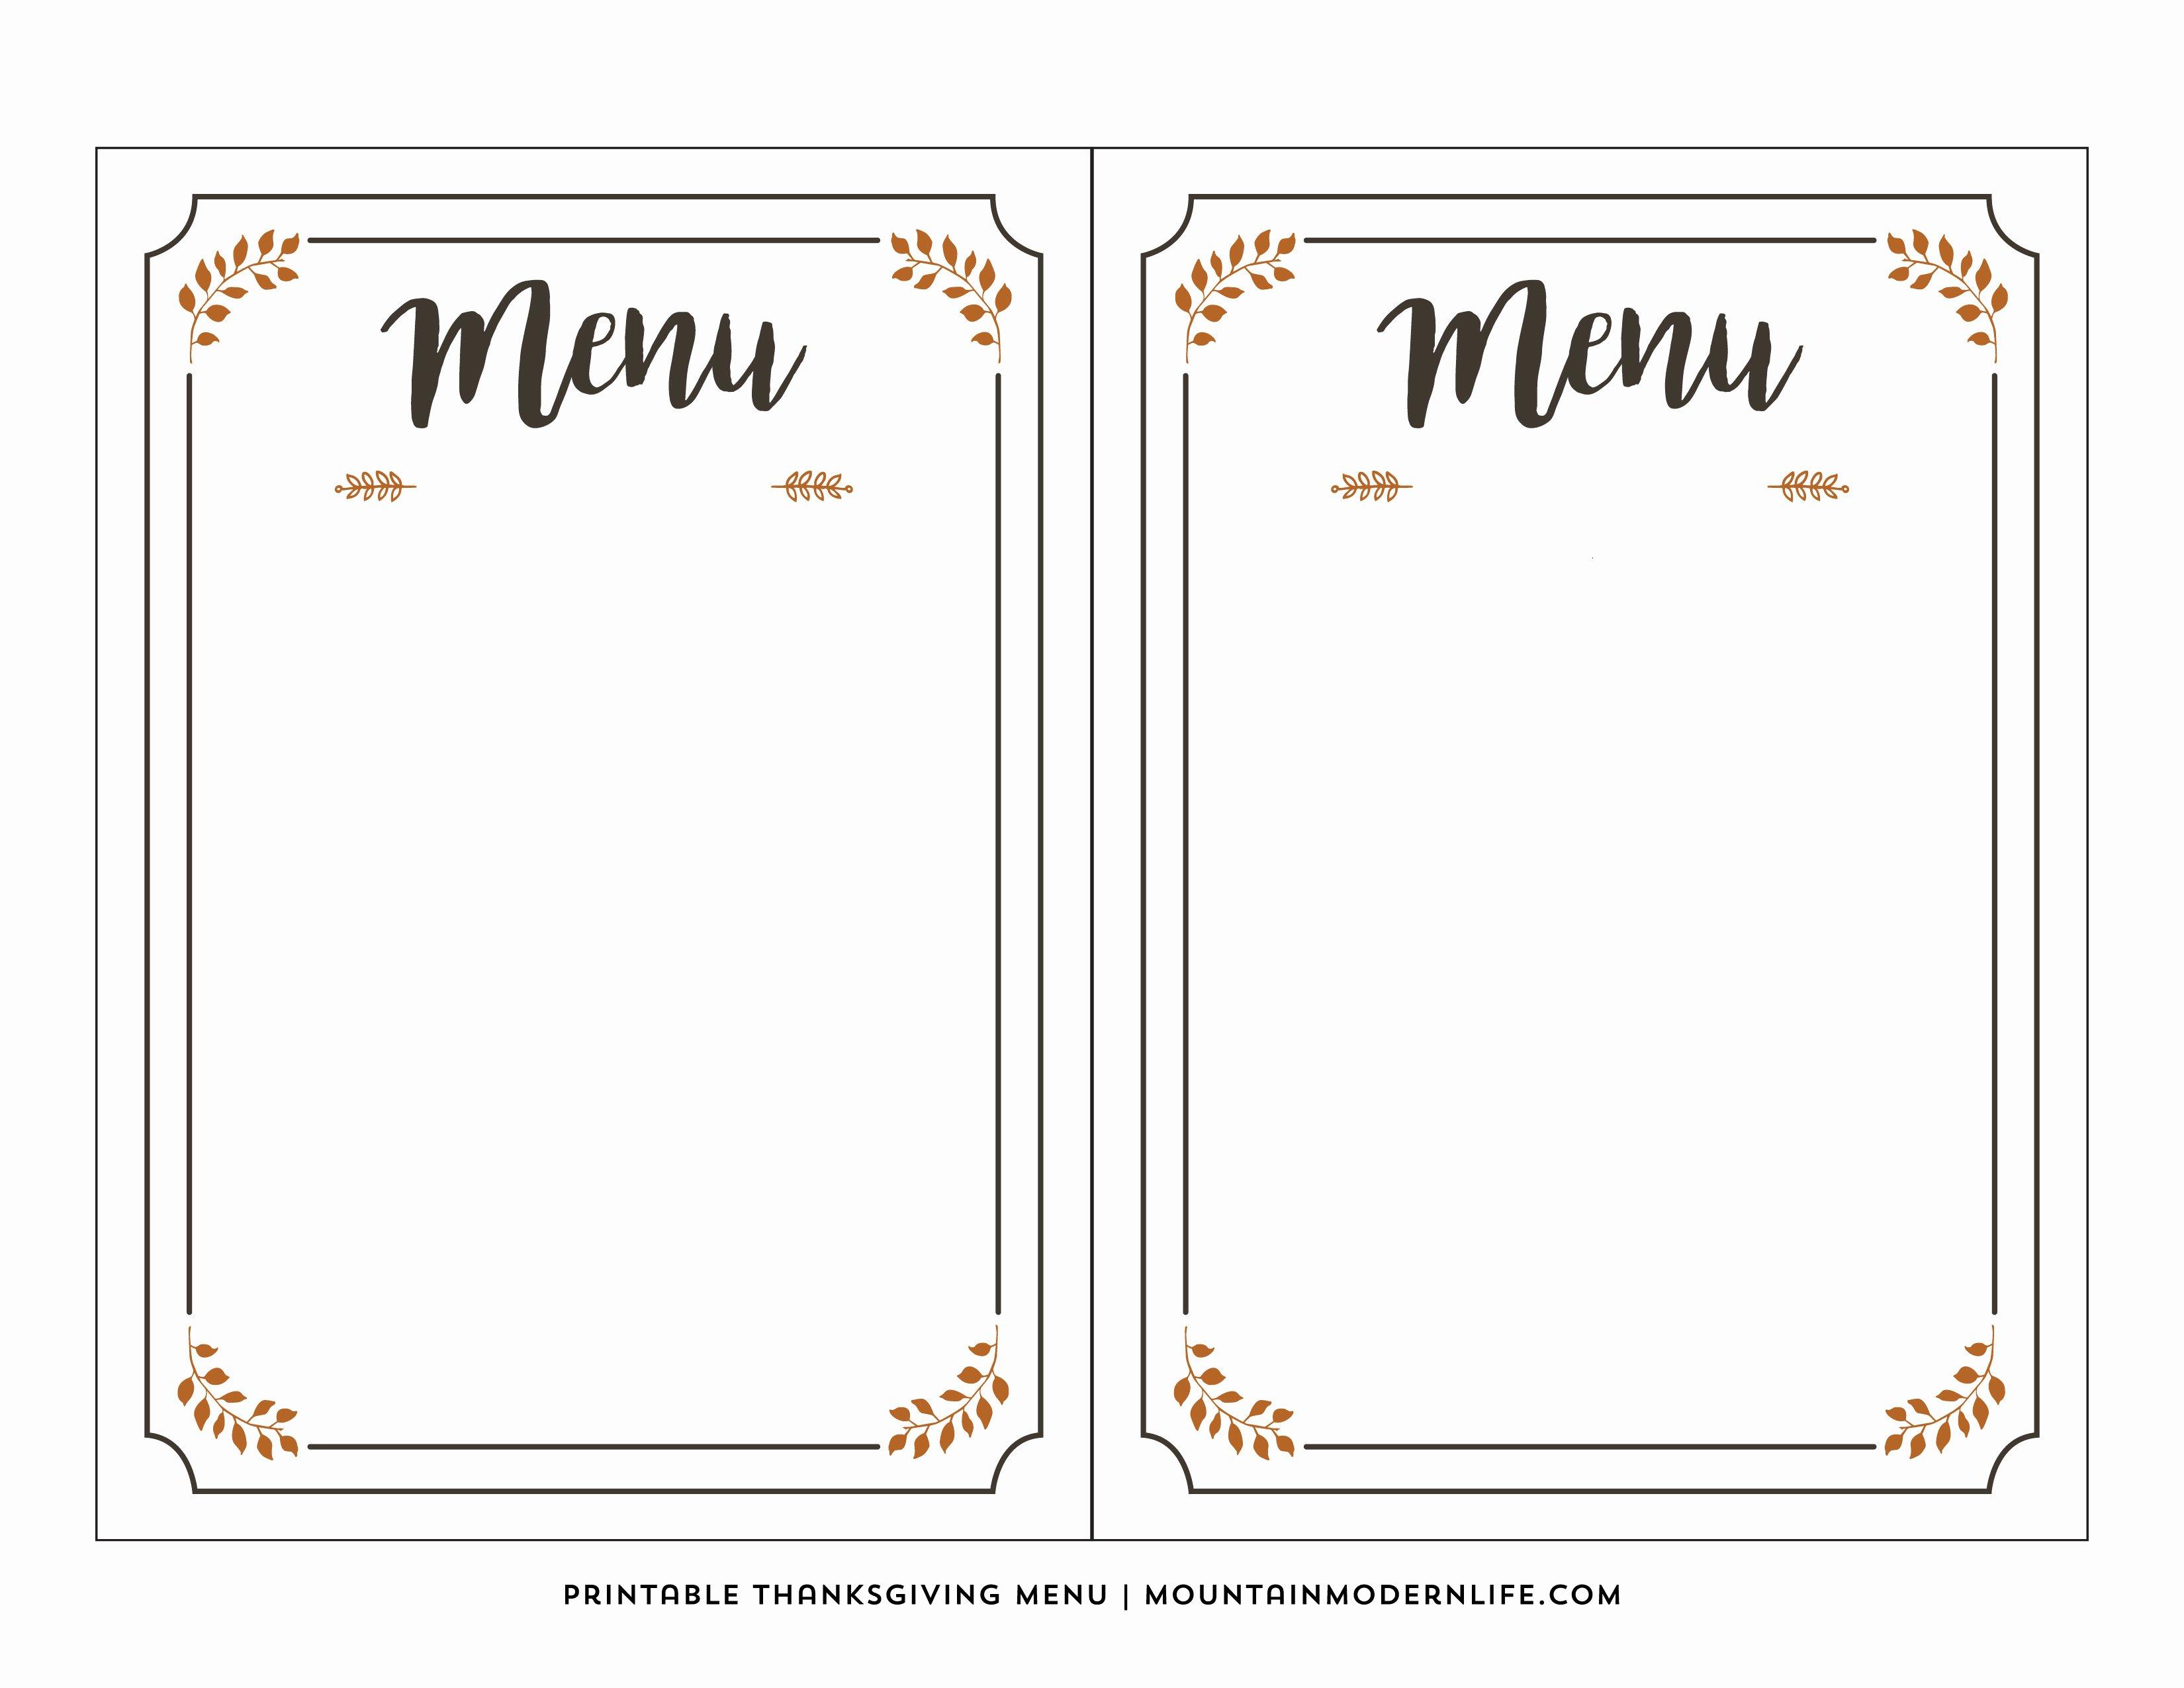 Free Printable Menu Template | Latter Example Template - Free Printable Menu Maker